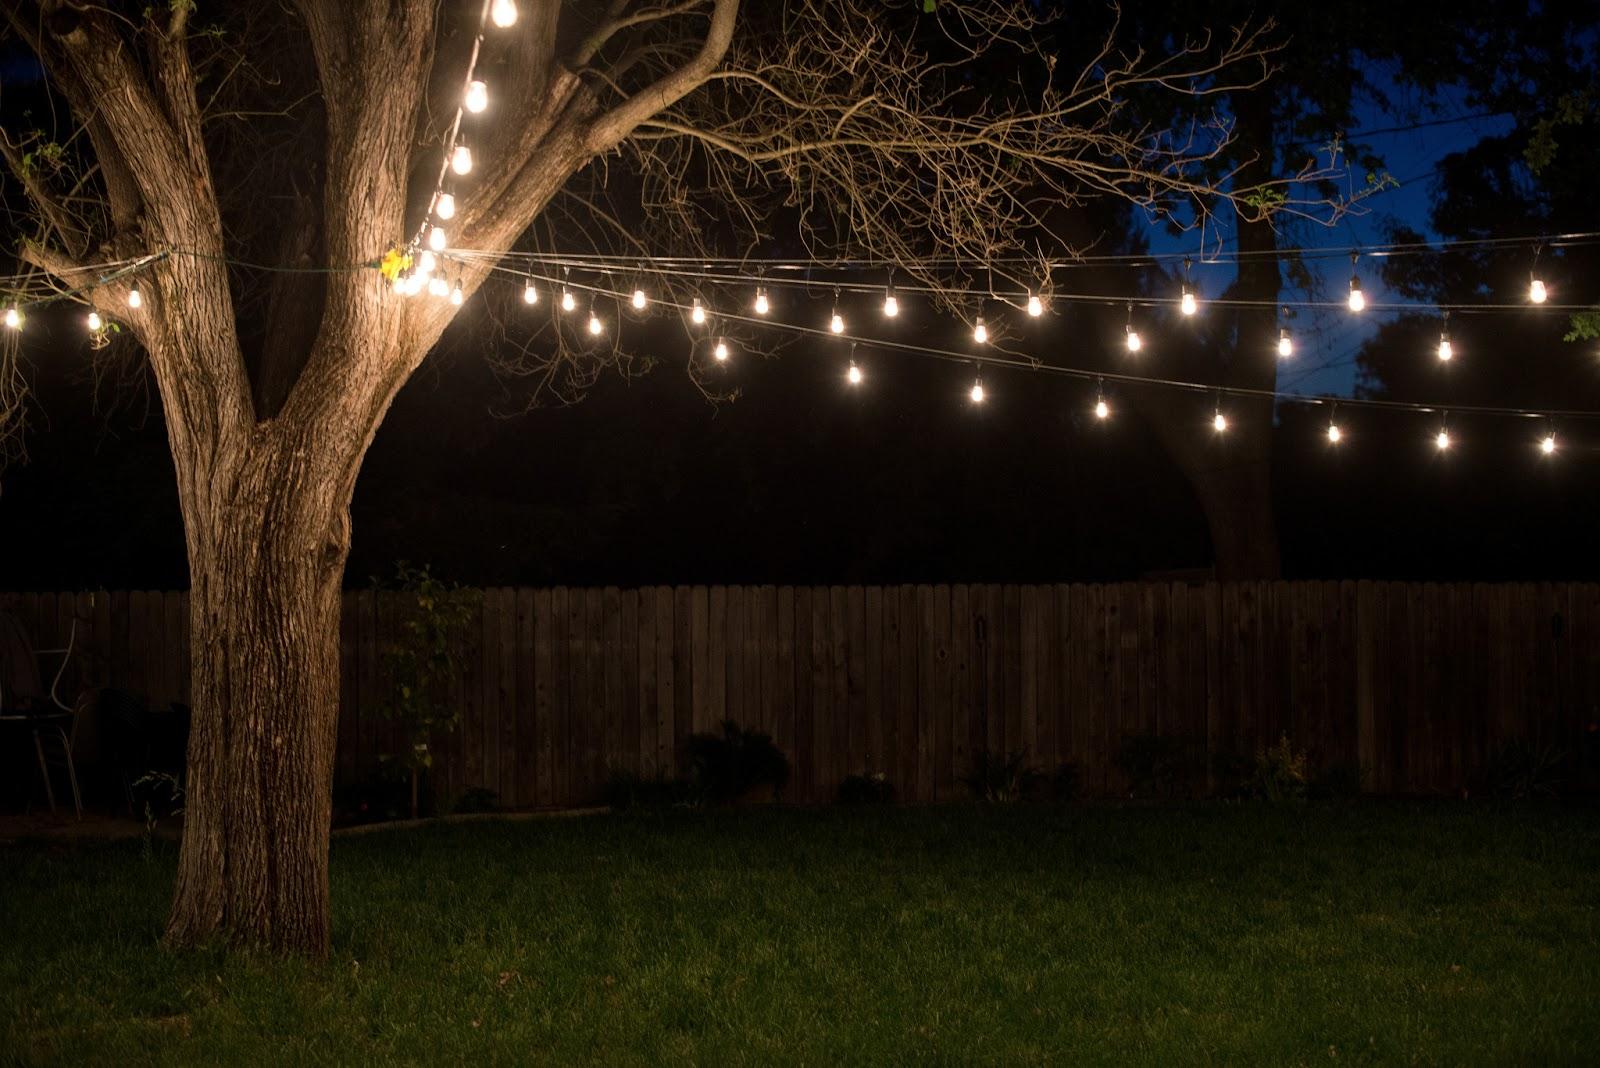 Outdoor String Lights Trees Images - pixelmari.com